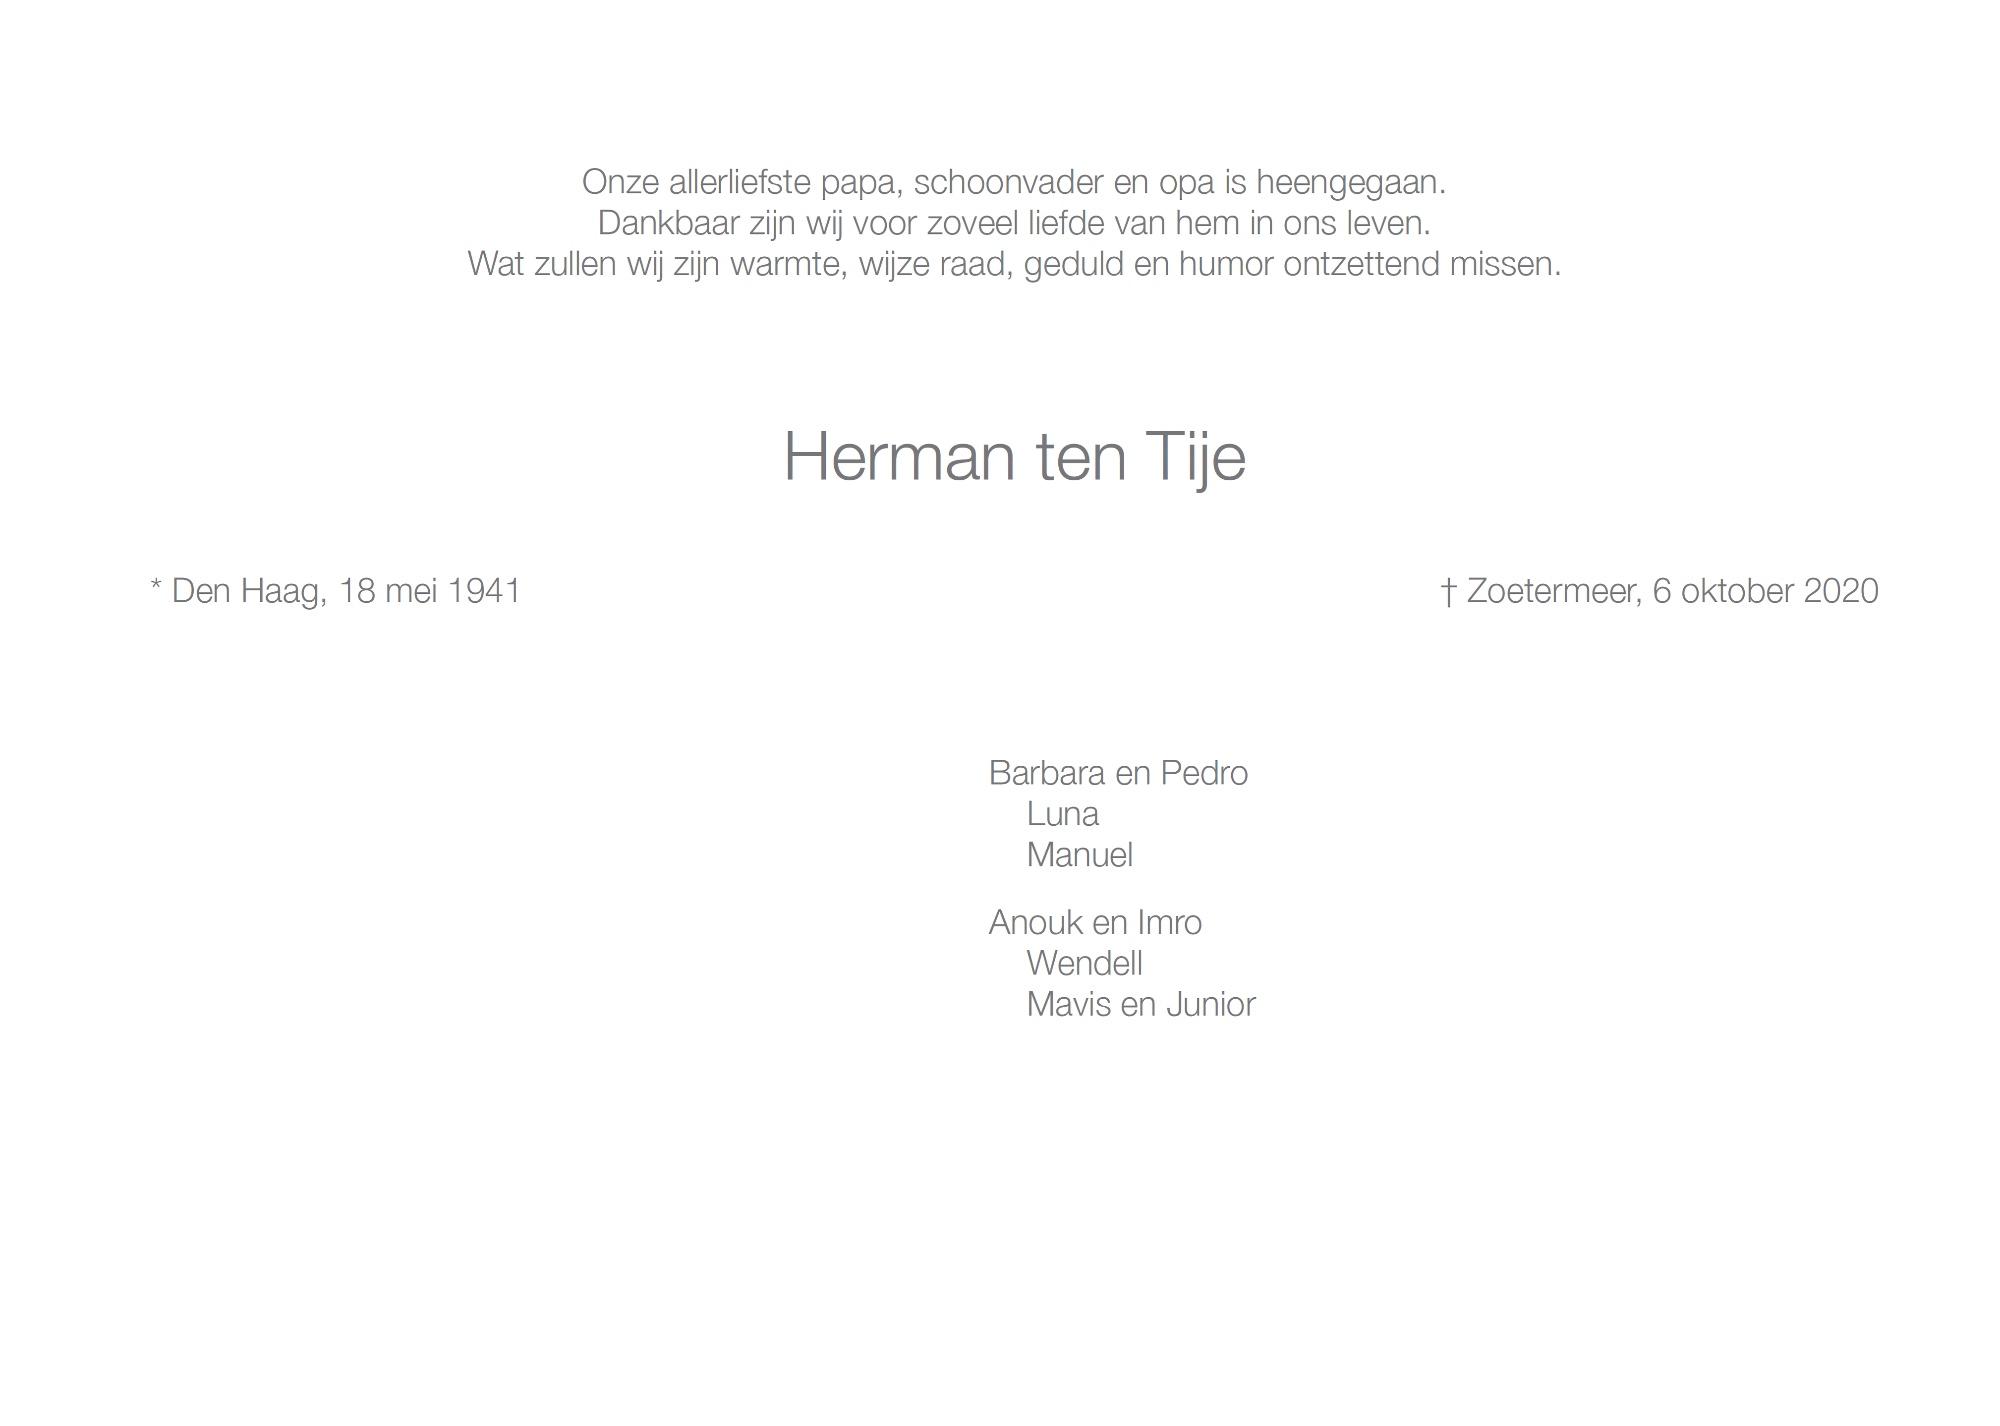 Herman ten Tije, rouwkaart binnenkant rechts